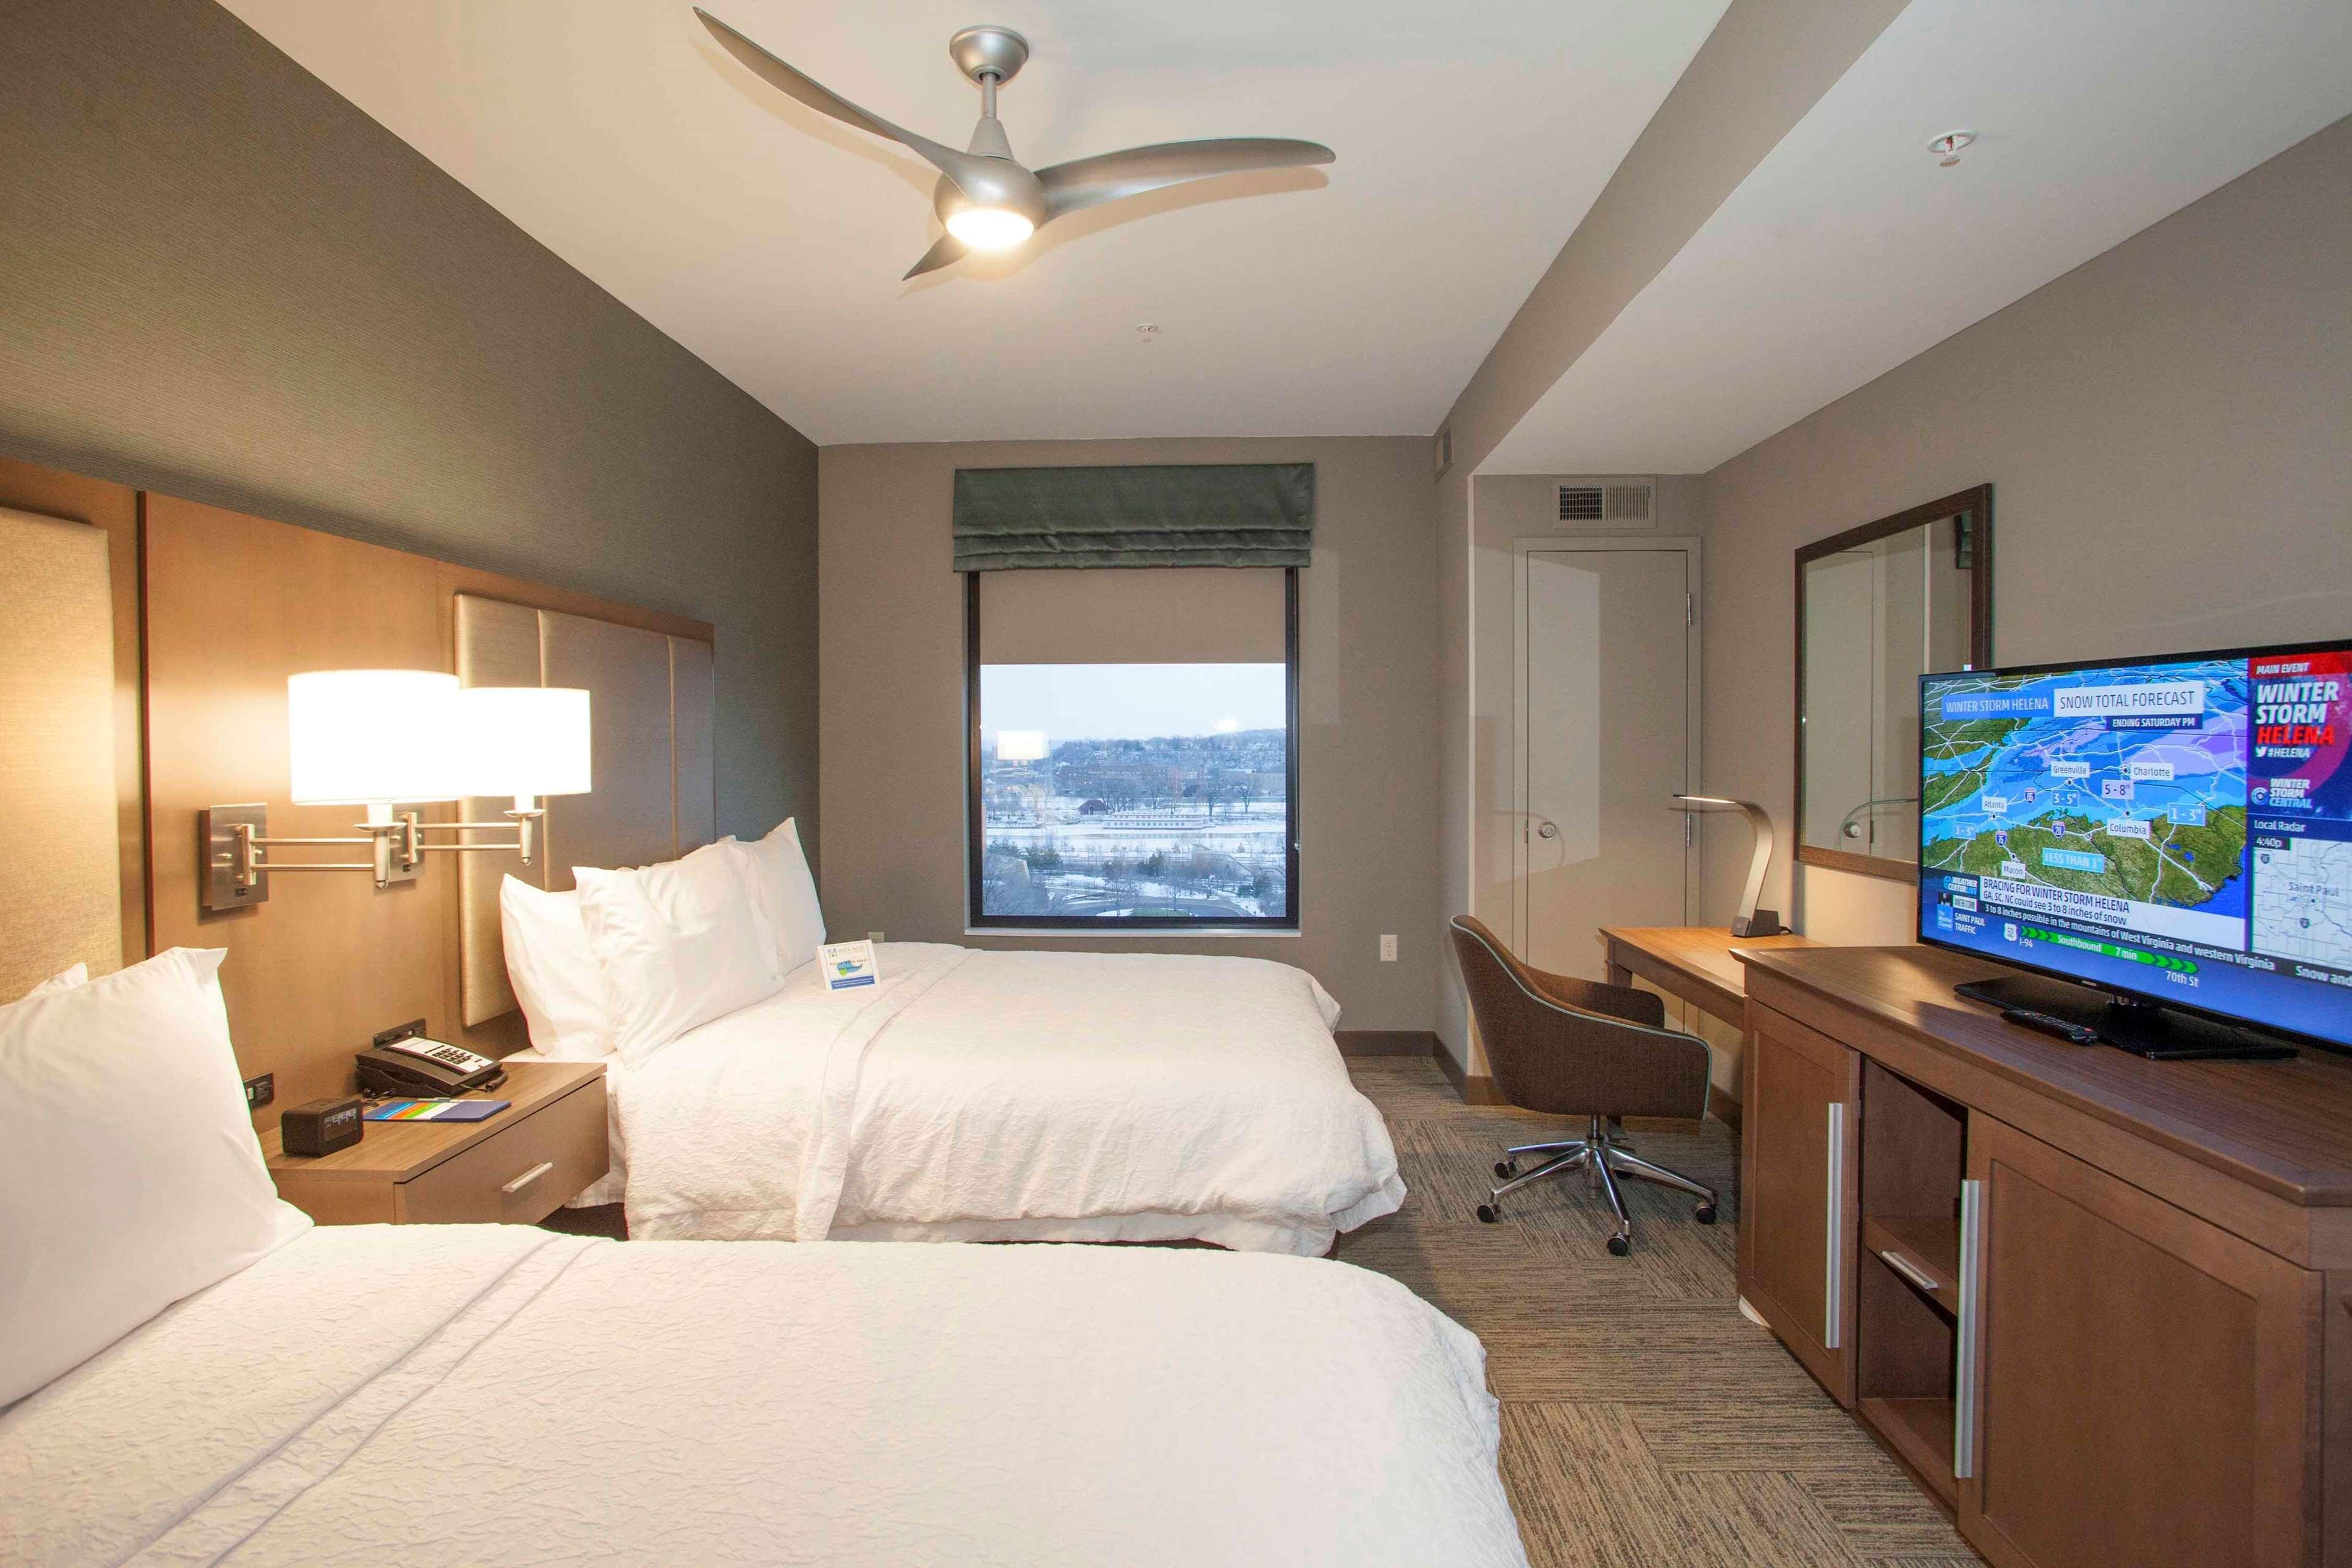 Hampton Inn & Suites Downtown St. Paul image 30